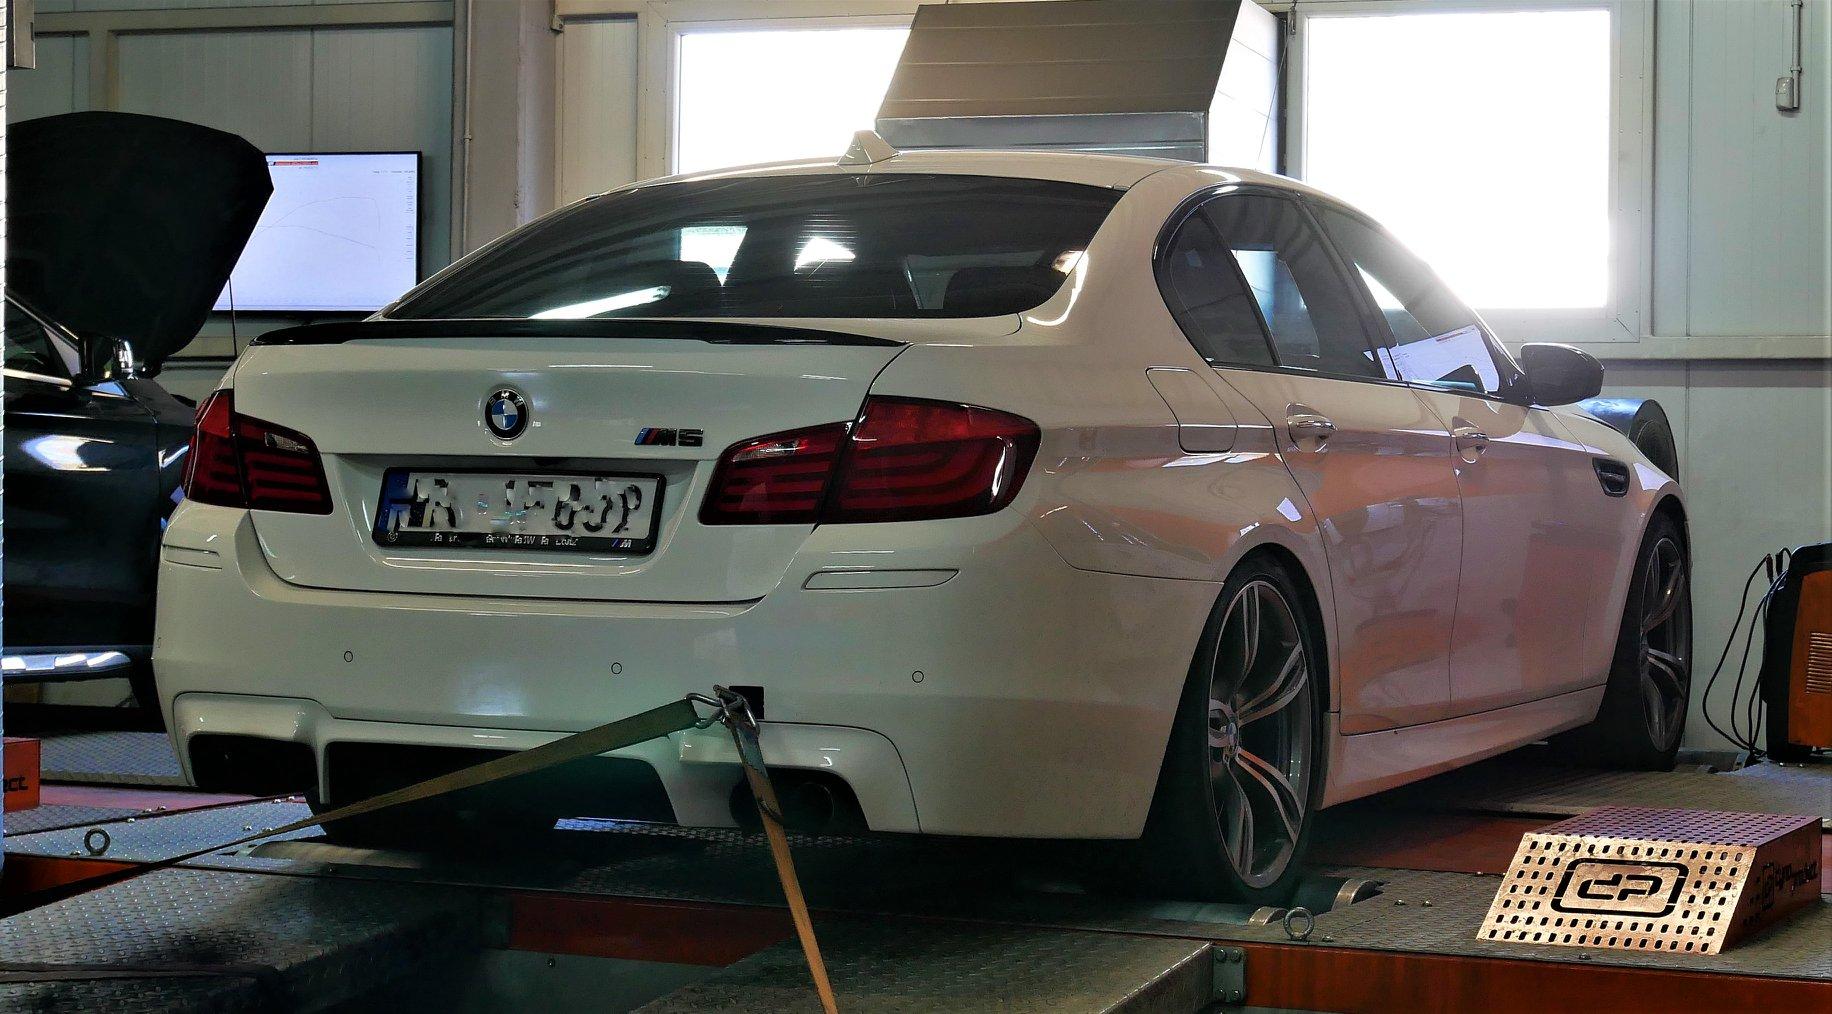 BMW M5 F10 4.4 BI-TURBO 560KM CHIPTUNING STAGE1 VMAX